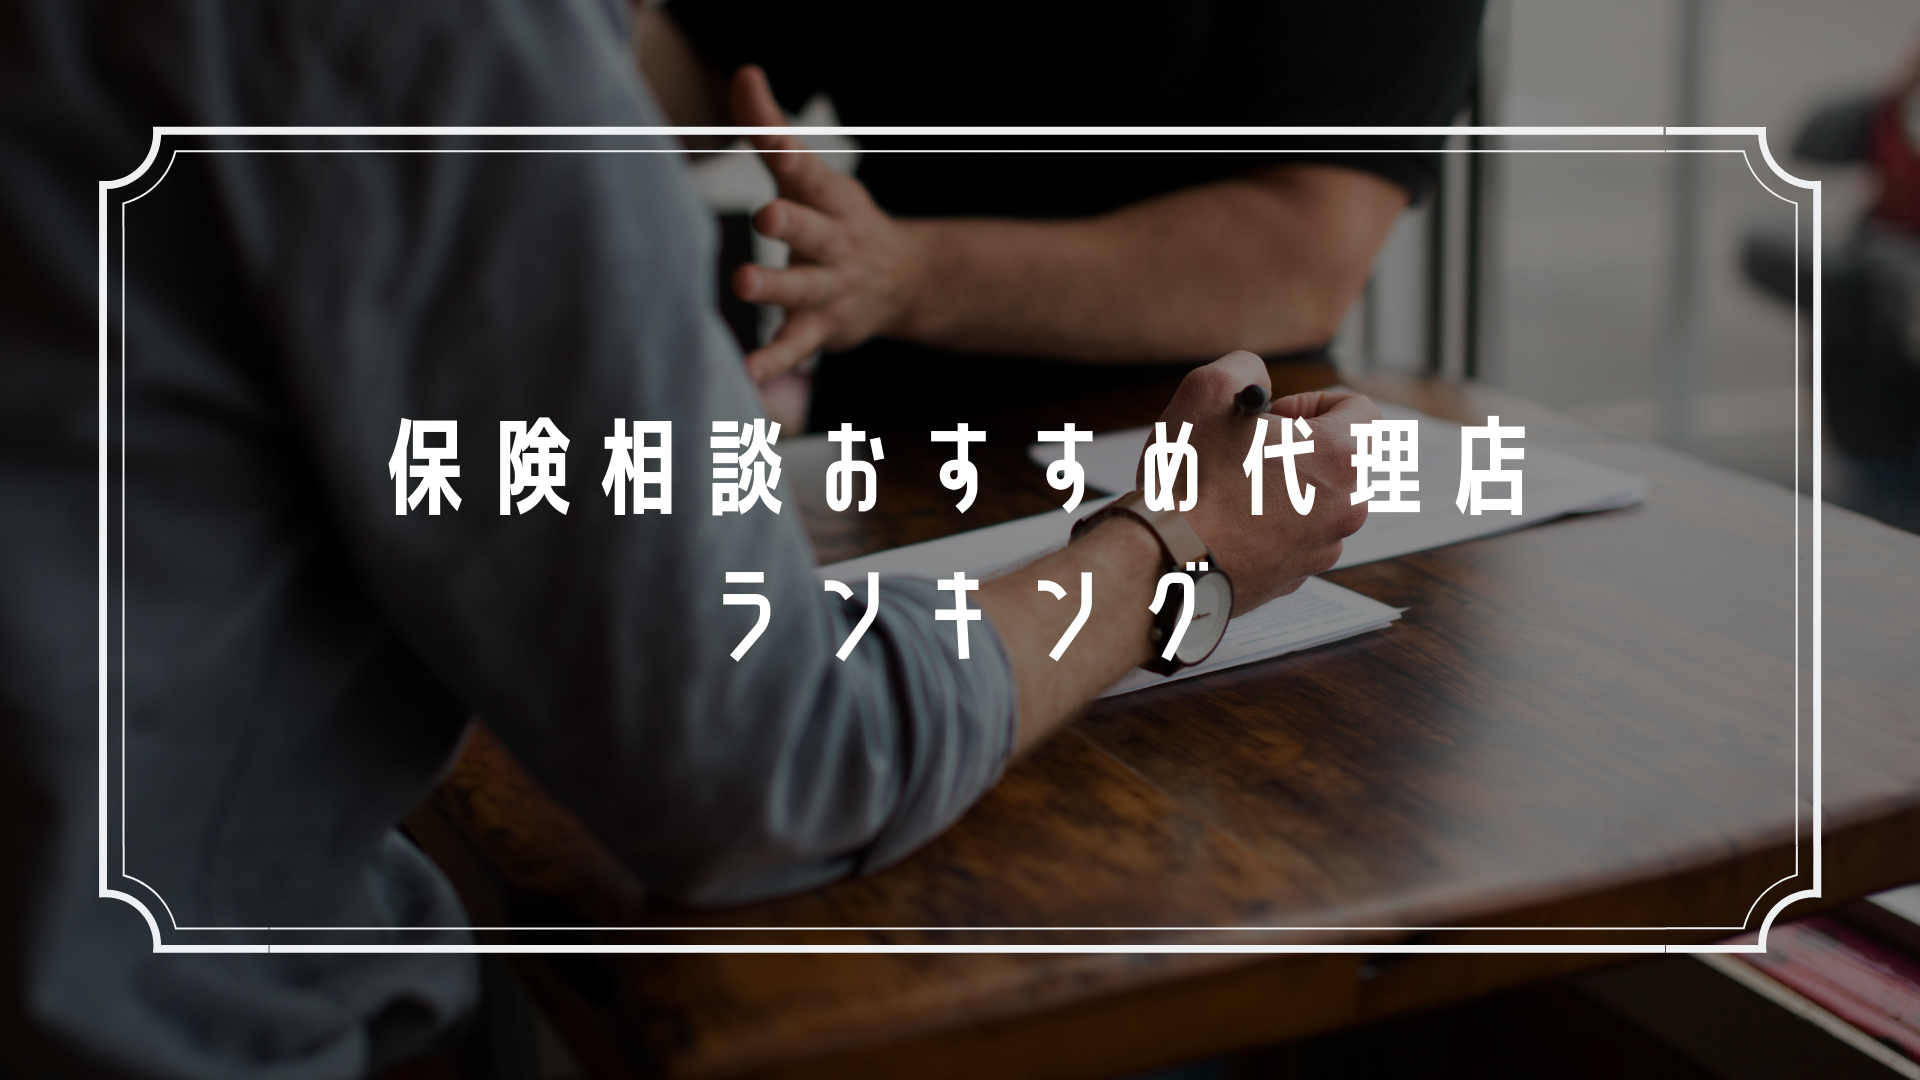 【2019年夏】保険相談おすすめランキング!【得するキャンペーン】